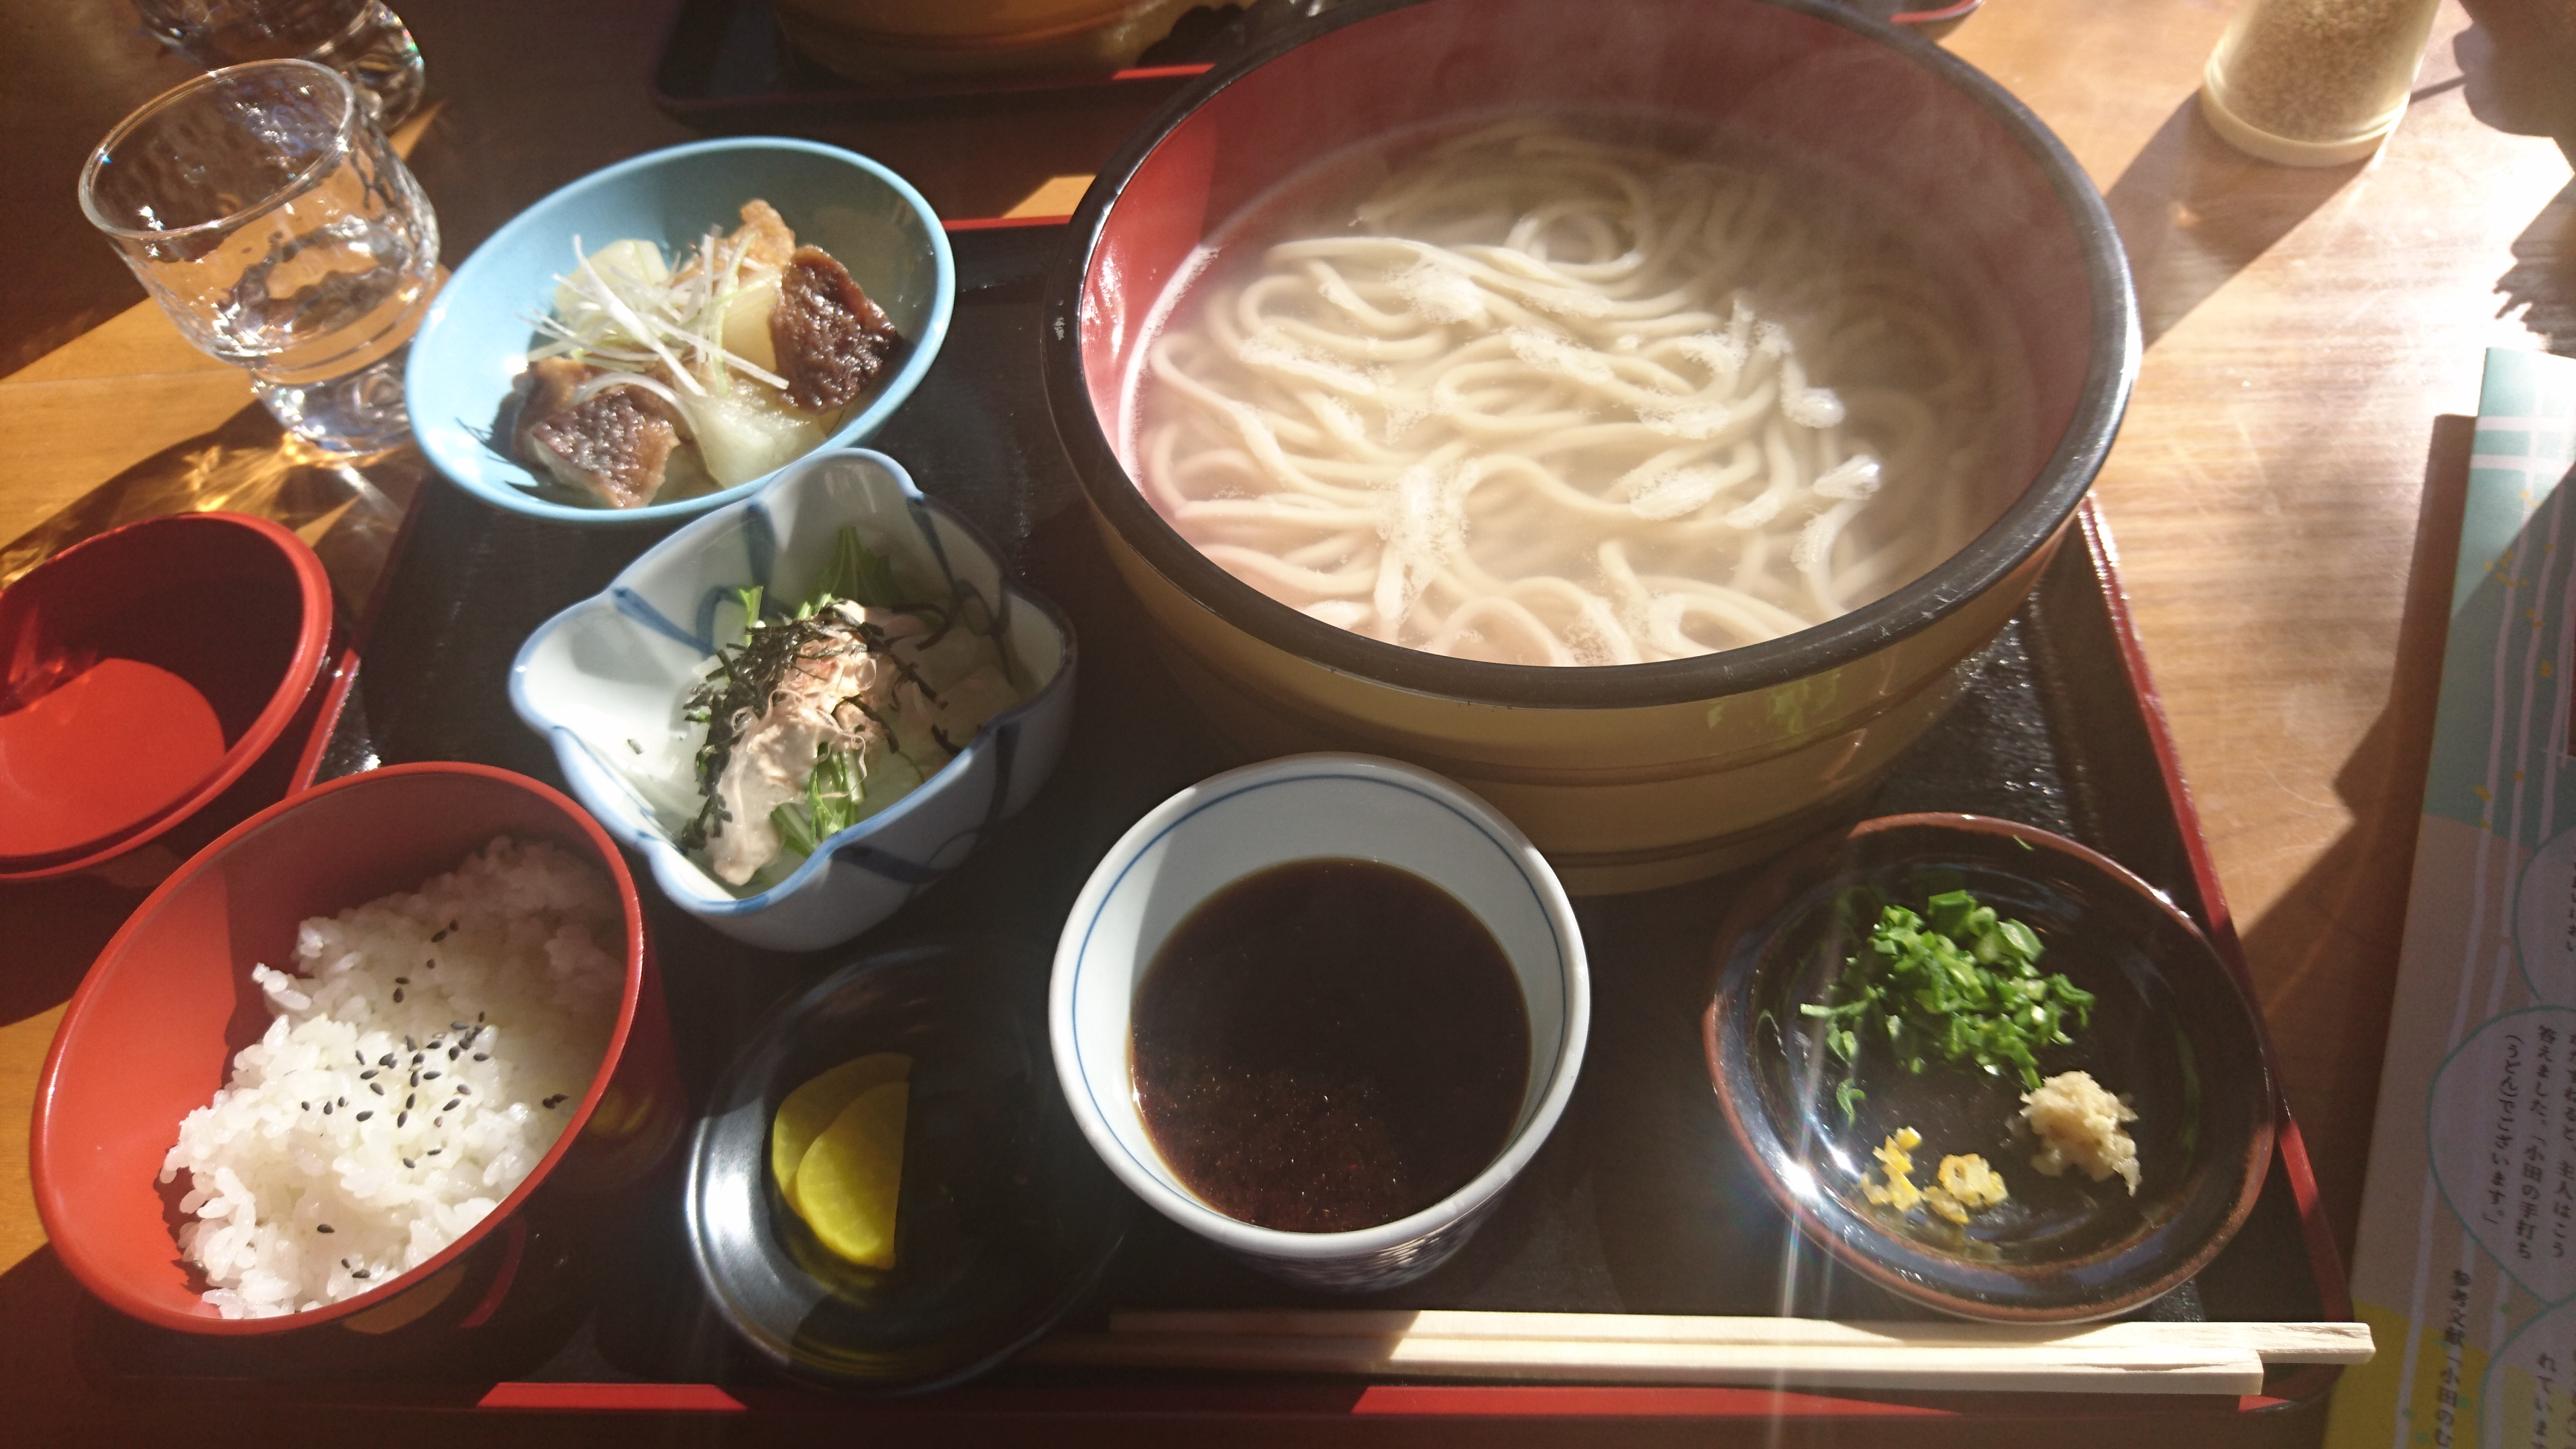 ボリューム満点!季節の風景を楽しめる内子町小田の「かじか亭」で「たらいうどん」を食べてきました!